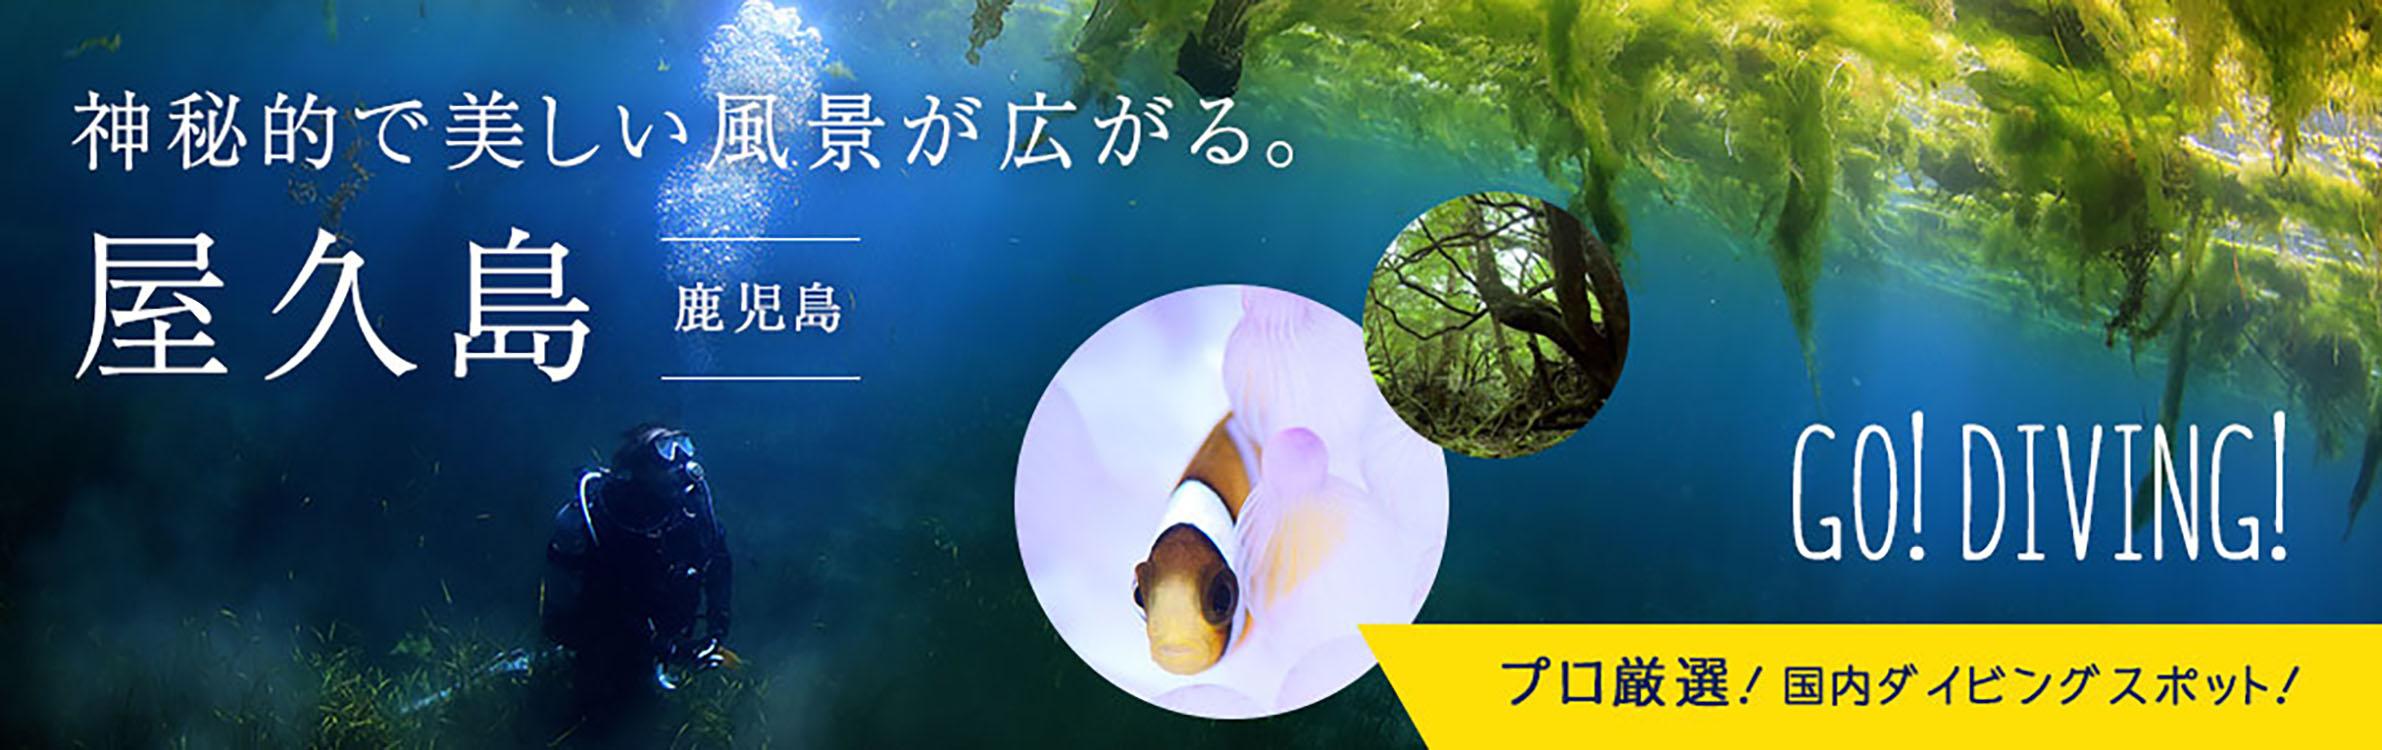 屋久島ダイビング情報